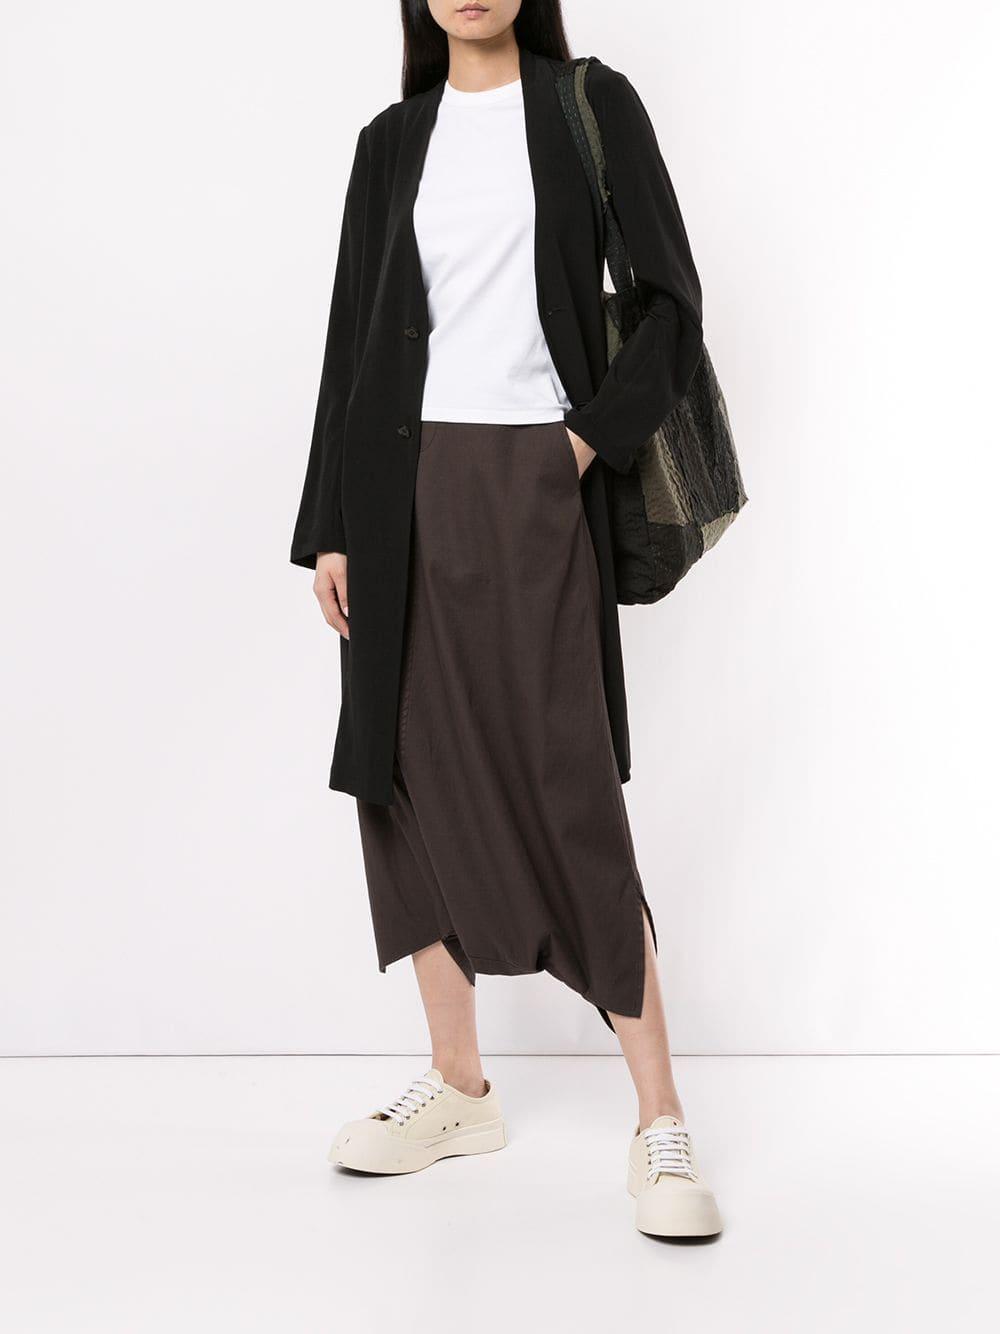 Y's Yohji Yamamoto Baumwolle Hose mit tiefem Schritt in Grau SRNM8